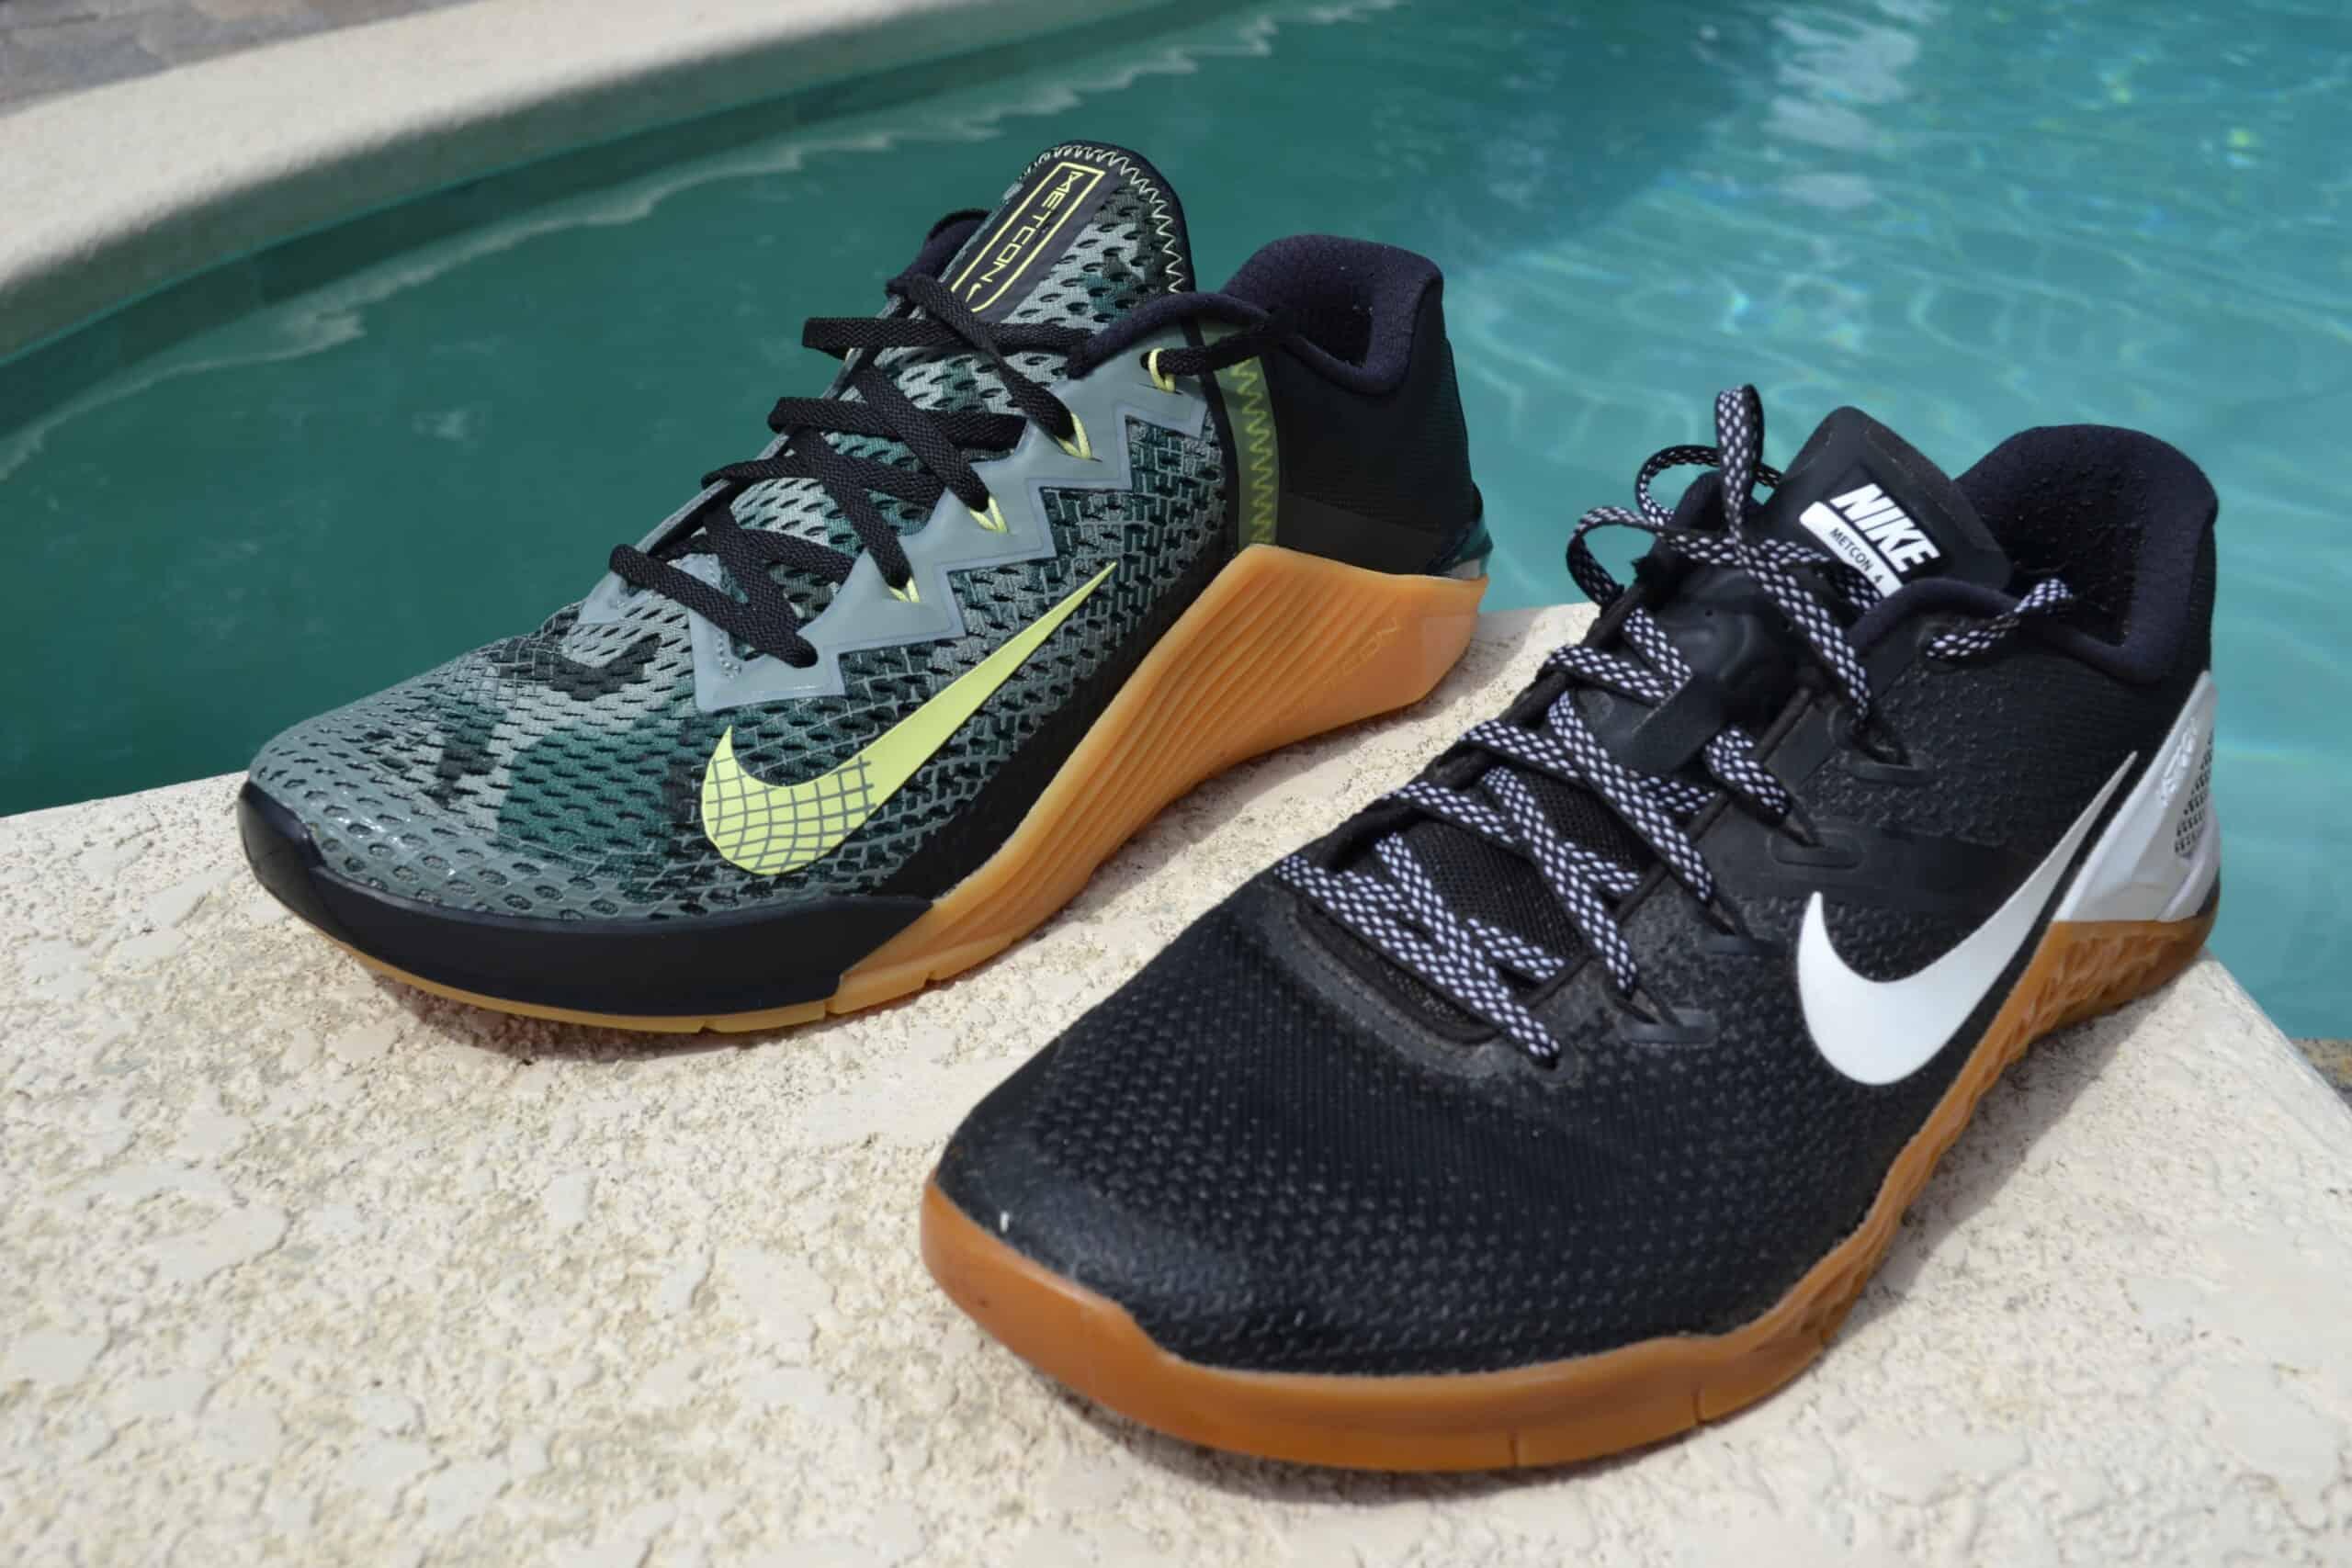 Nike Metcon 4 Versus Nike Metcon 6 - Is